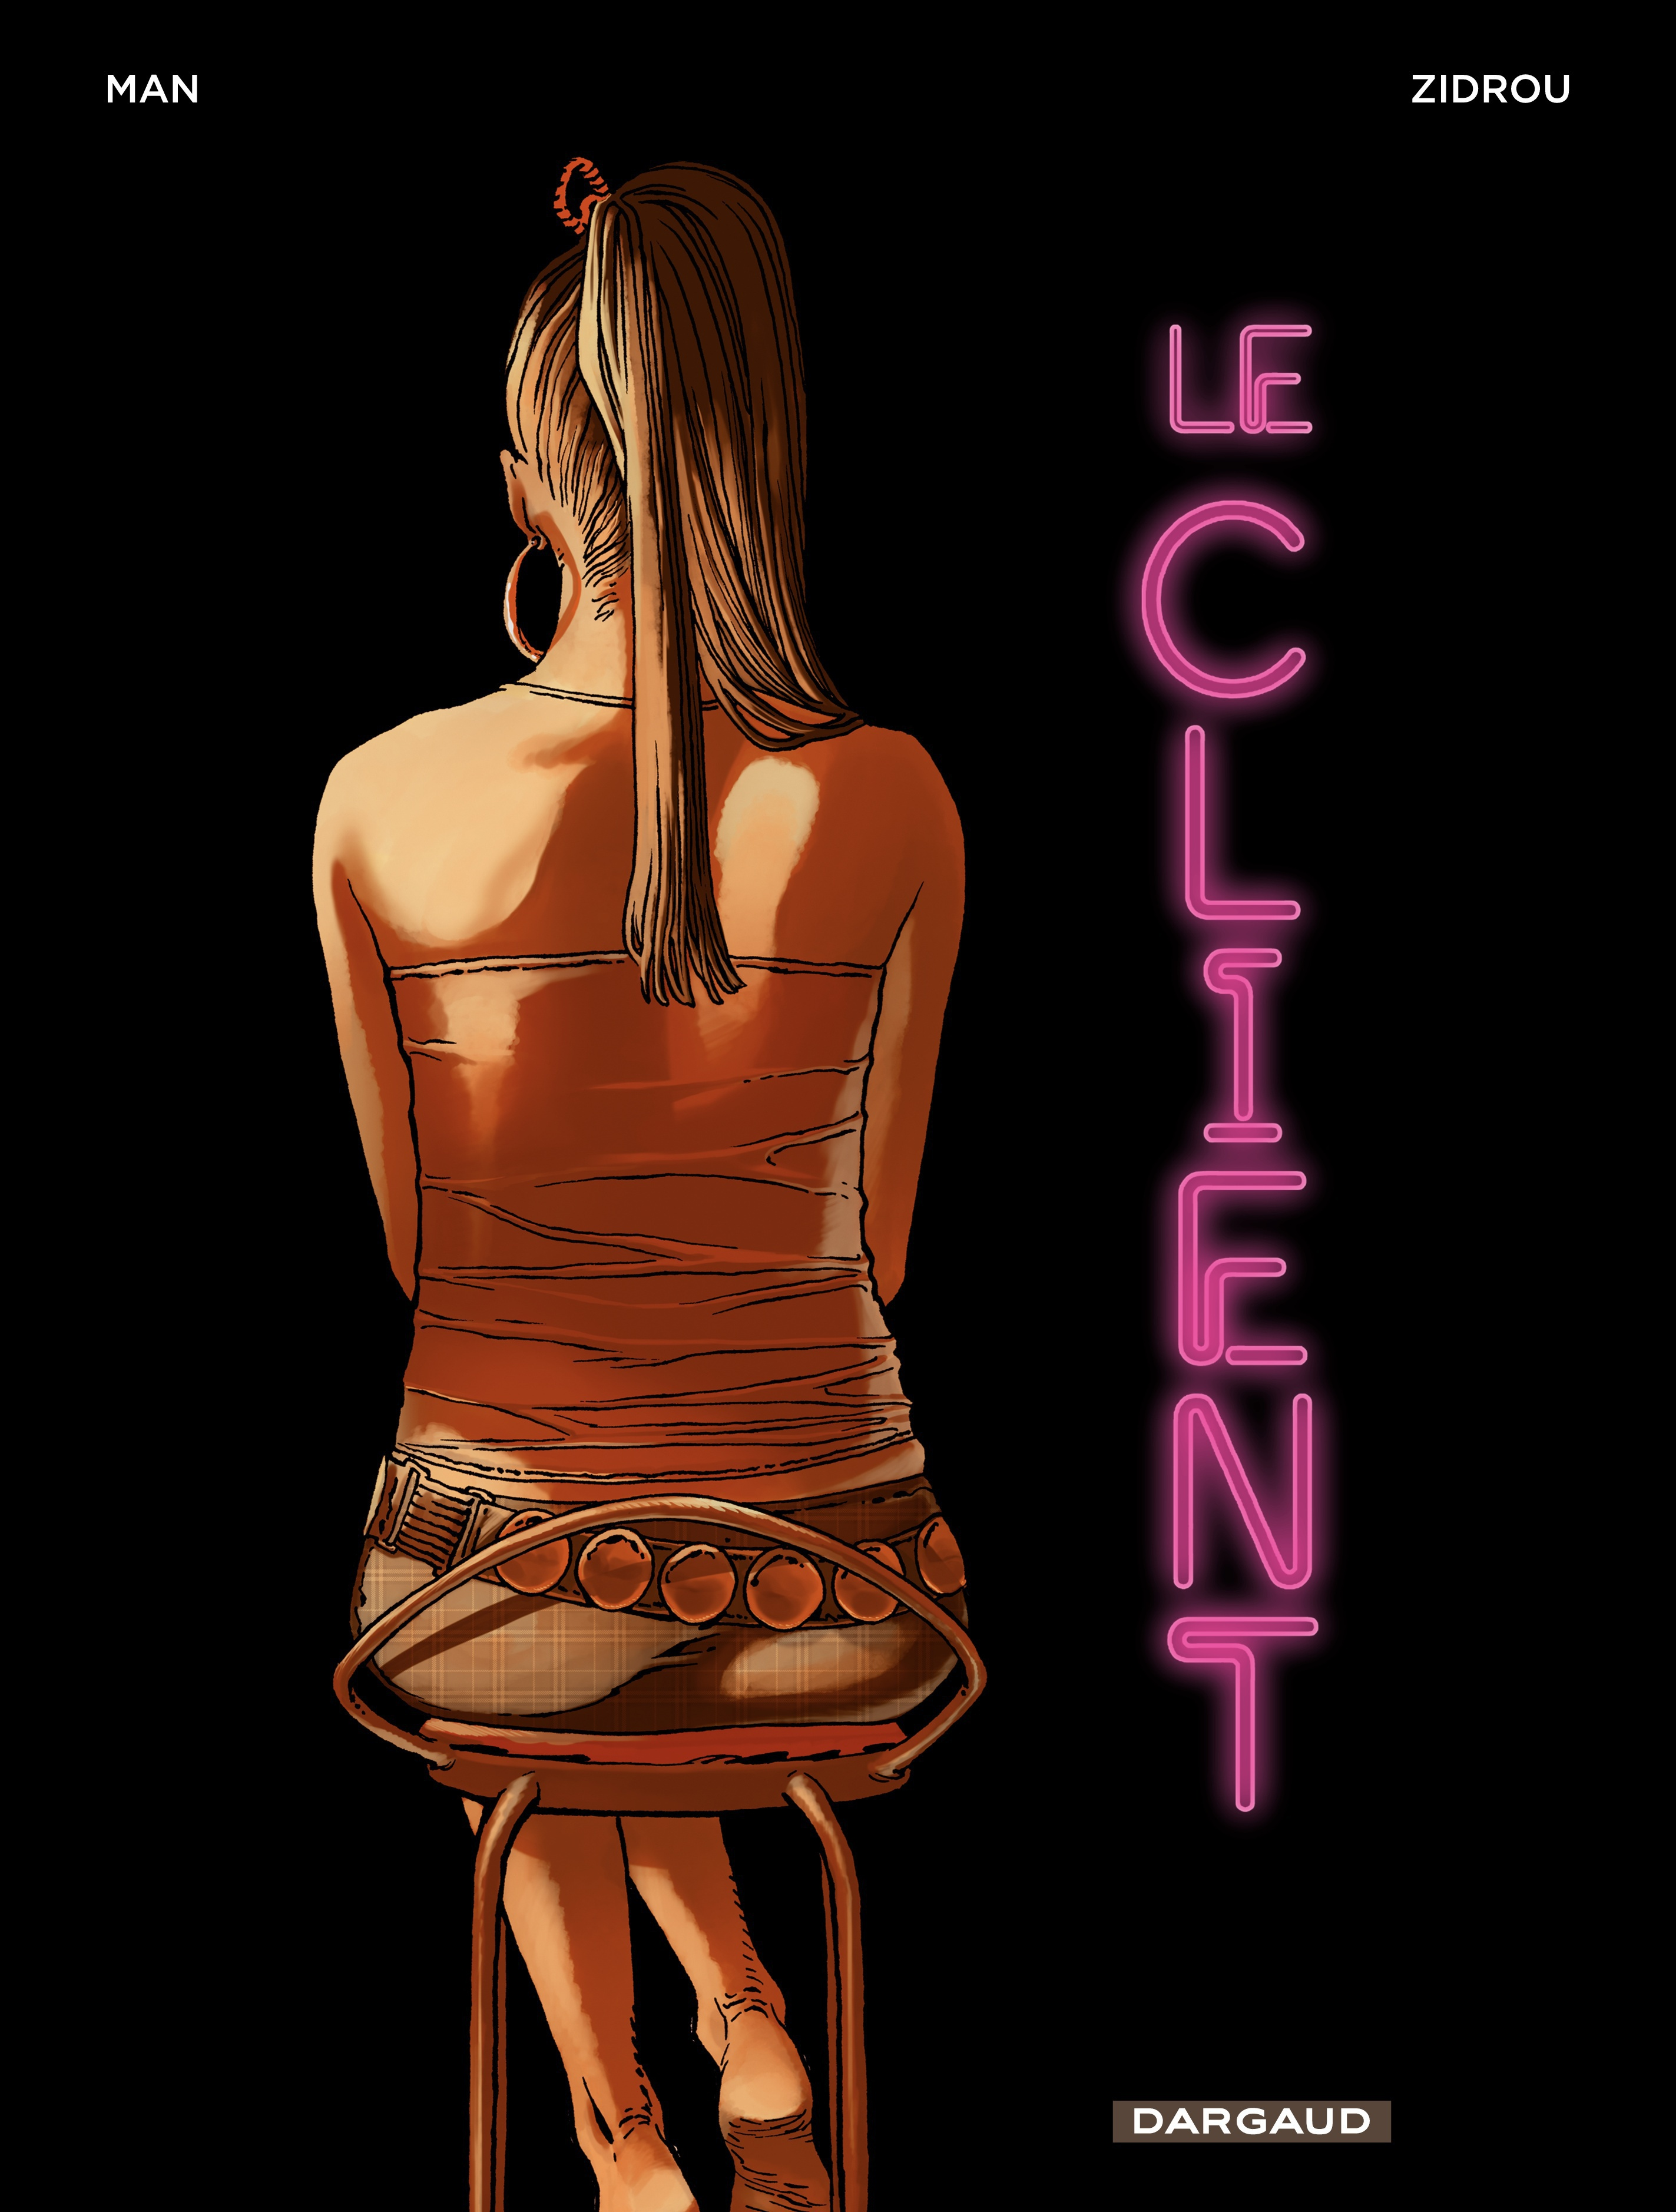 Le Client | Man,